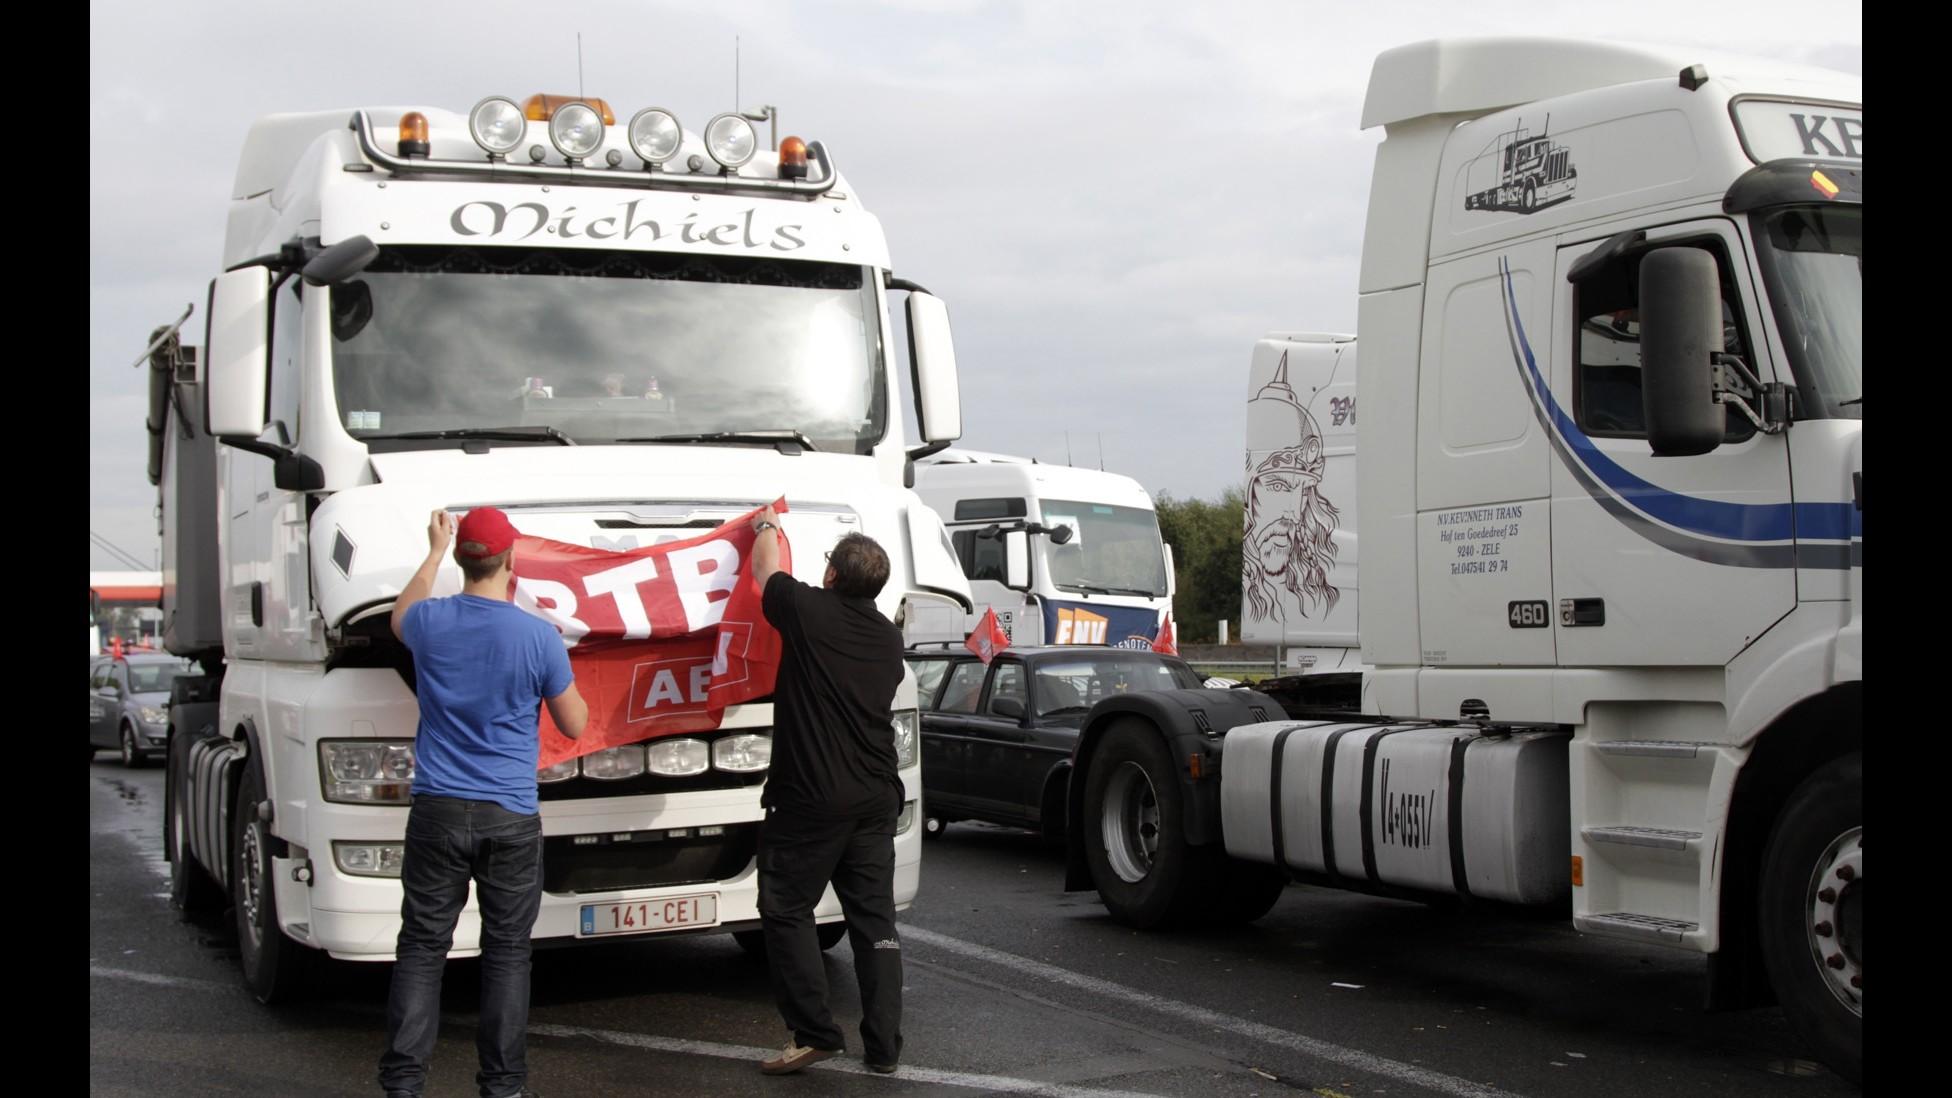 Camionisti protestano a Bruxelles: Stop disparità con colleghi dell'Est